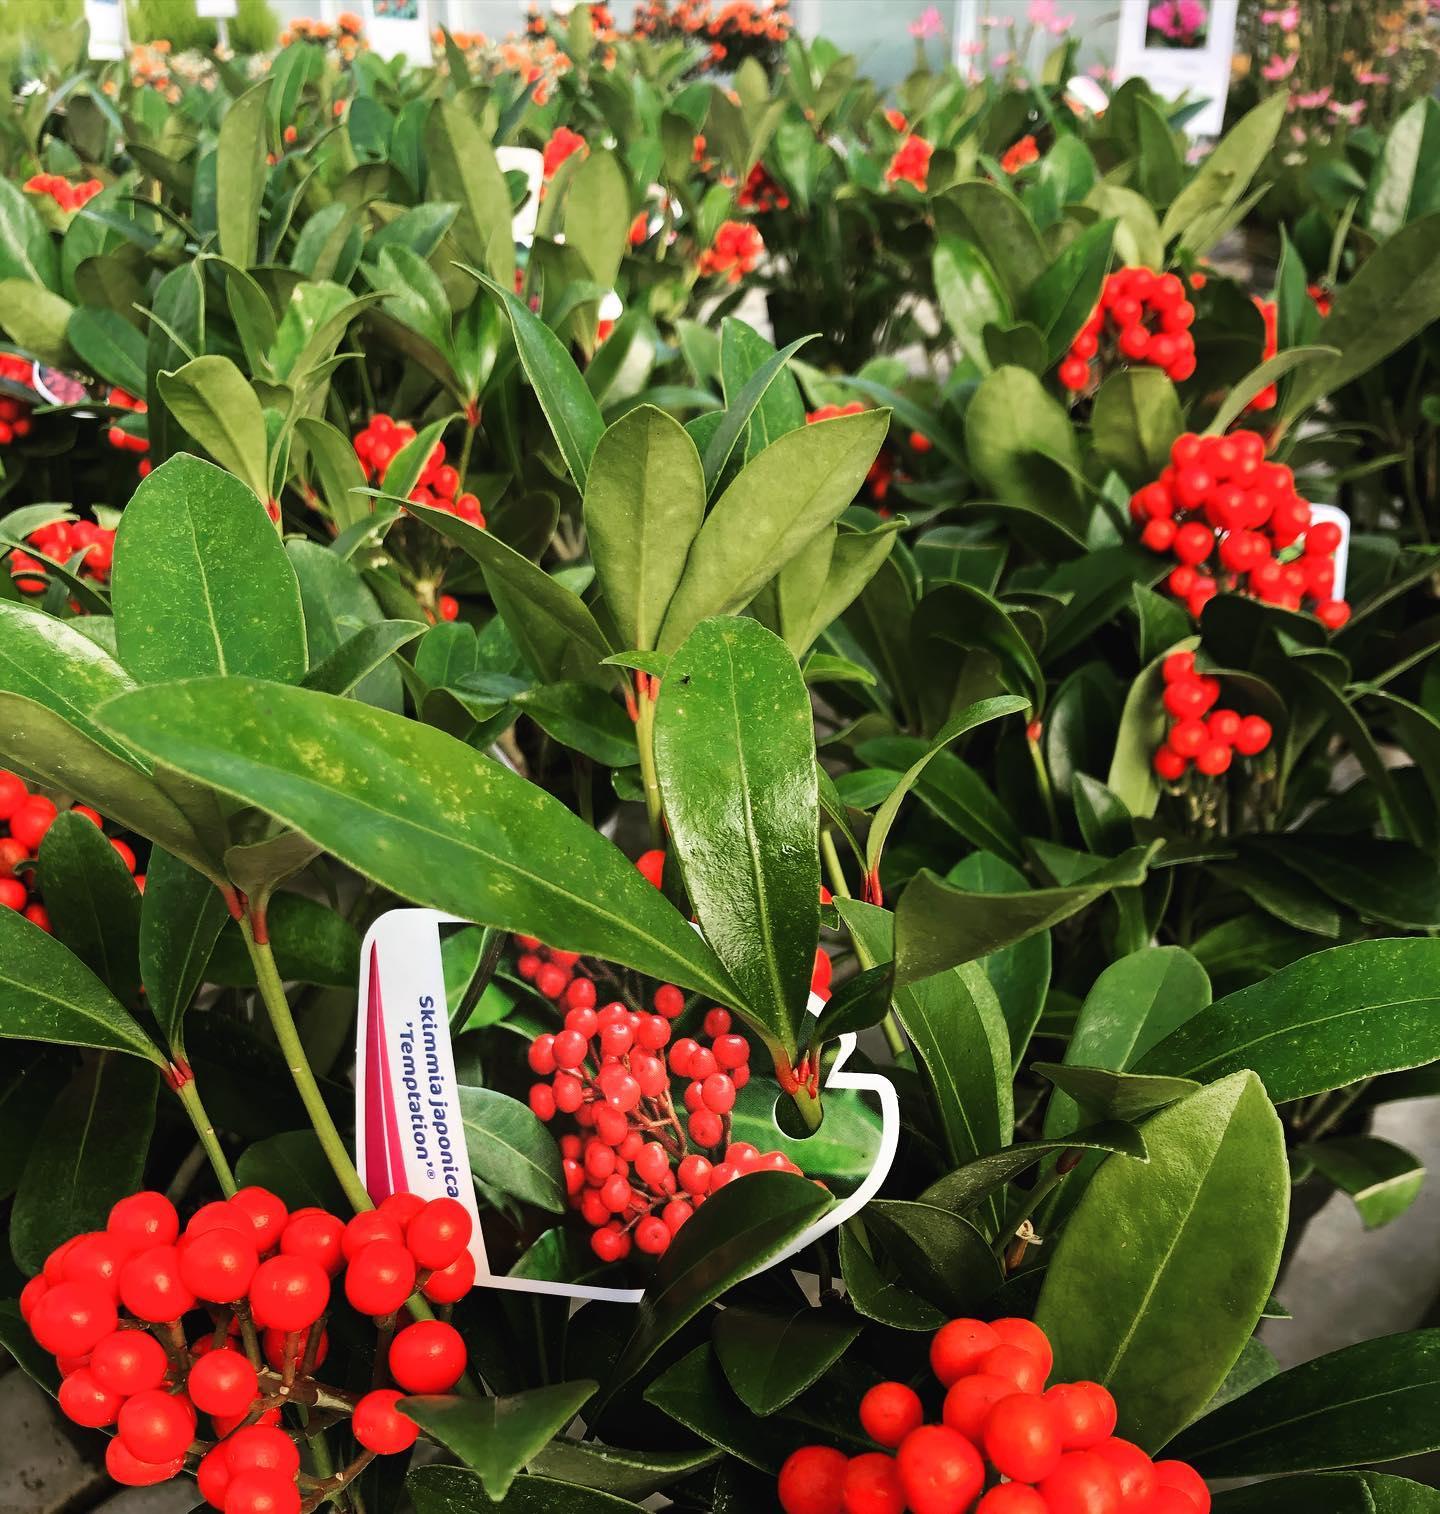 Skimmia temptation. Pianta perenne, resistente al freddo e con bacche rosso fuoco che durano fino a fine febbraio.